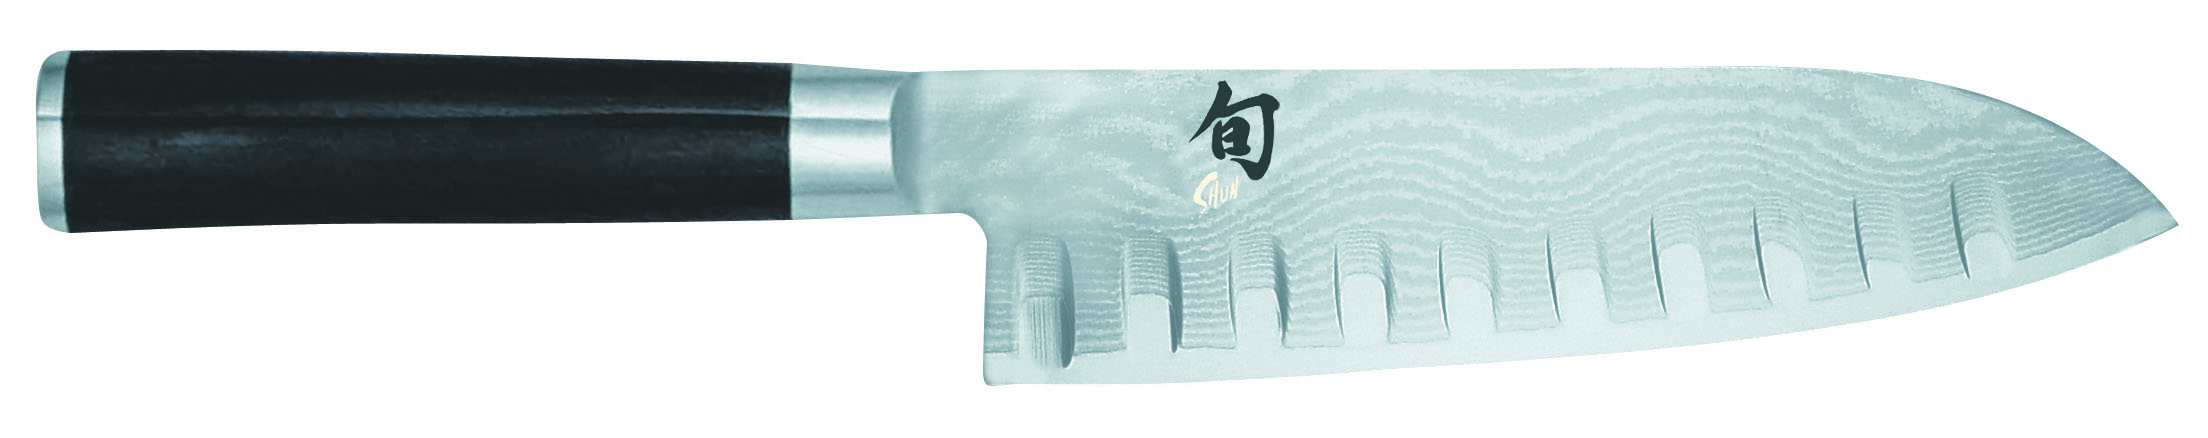 Nôž Shun Santoku s výbrusmi DM-0718